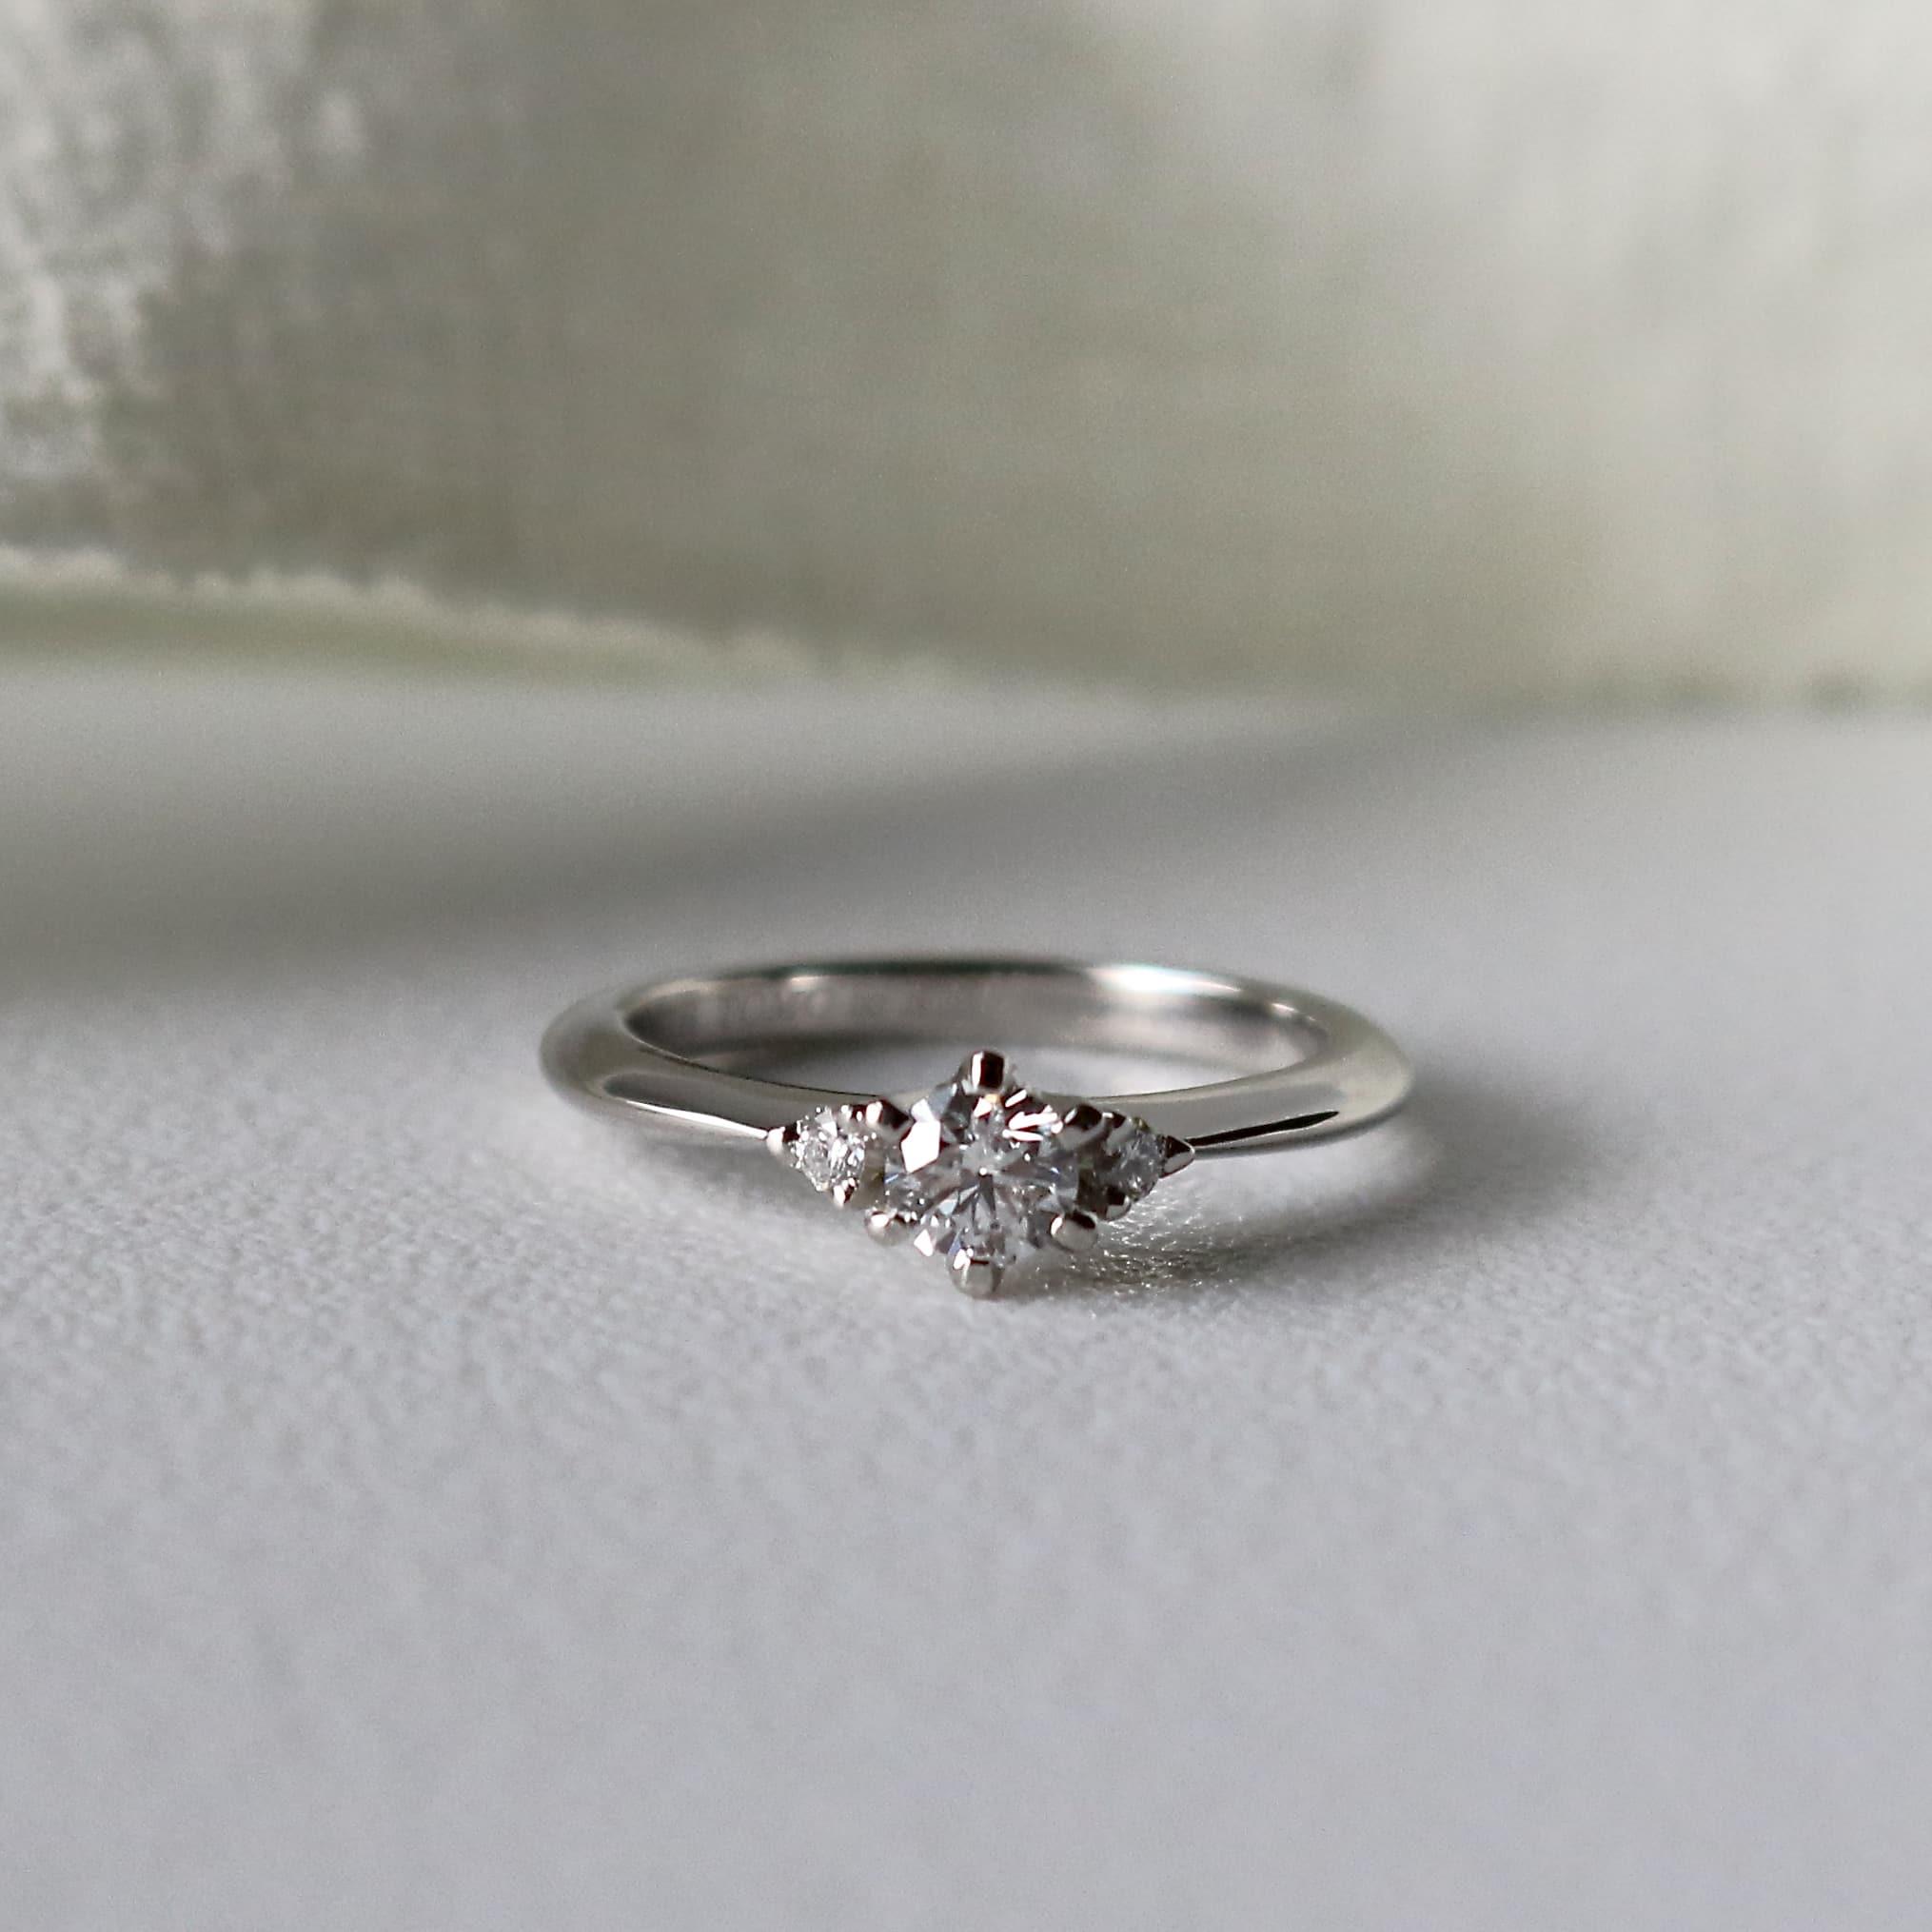 サイドメレタイプの重ね付けしやすいプラチナの婚約指輪